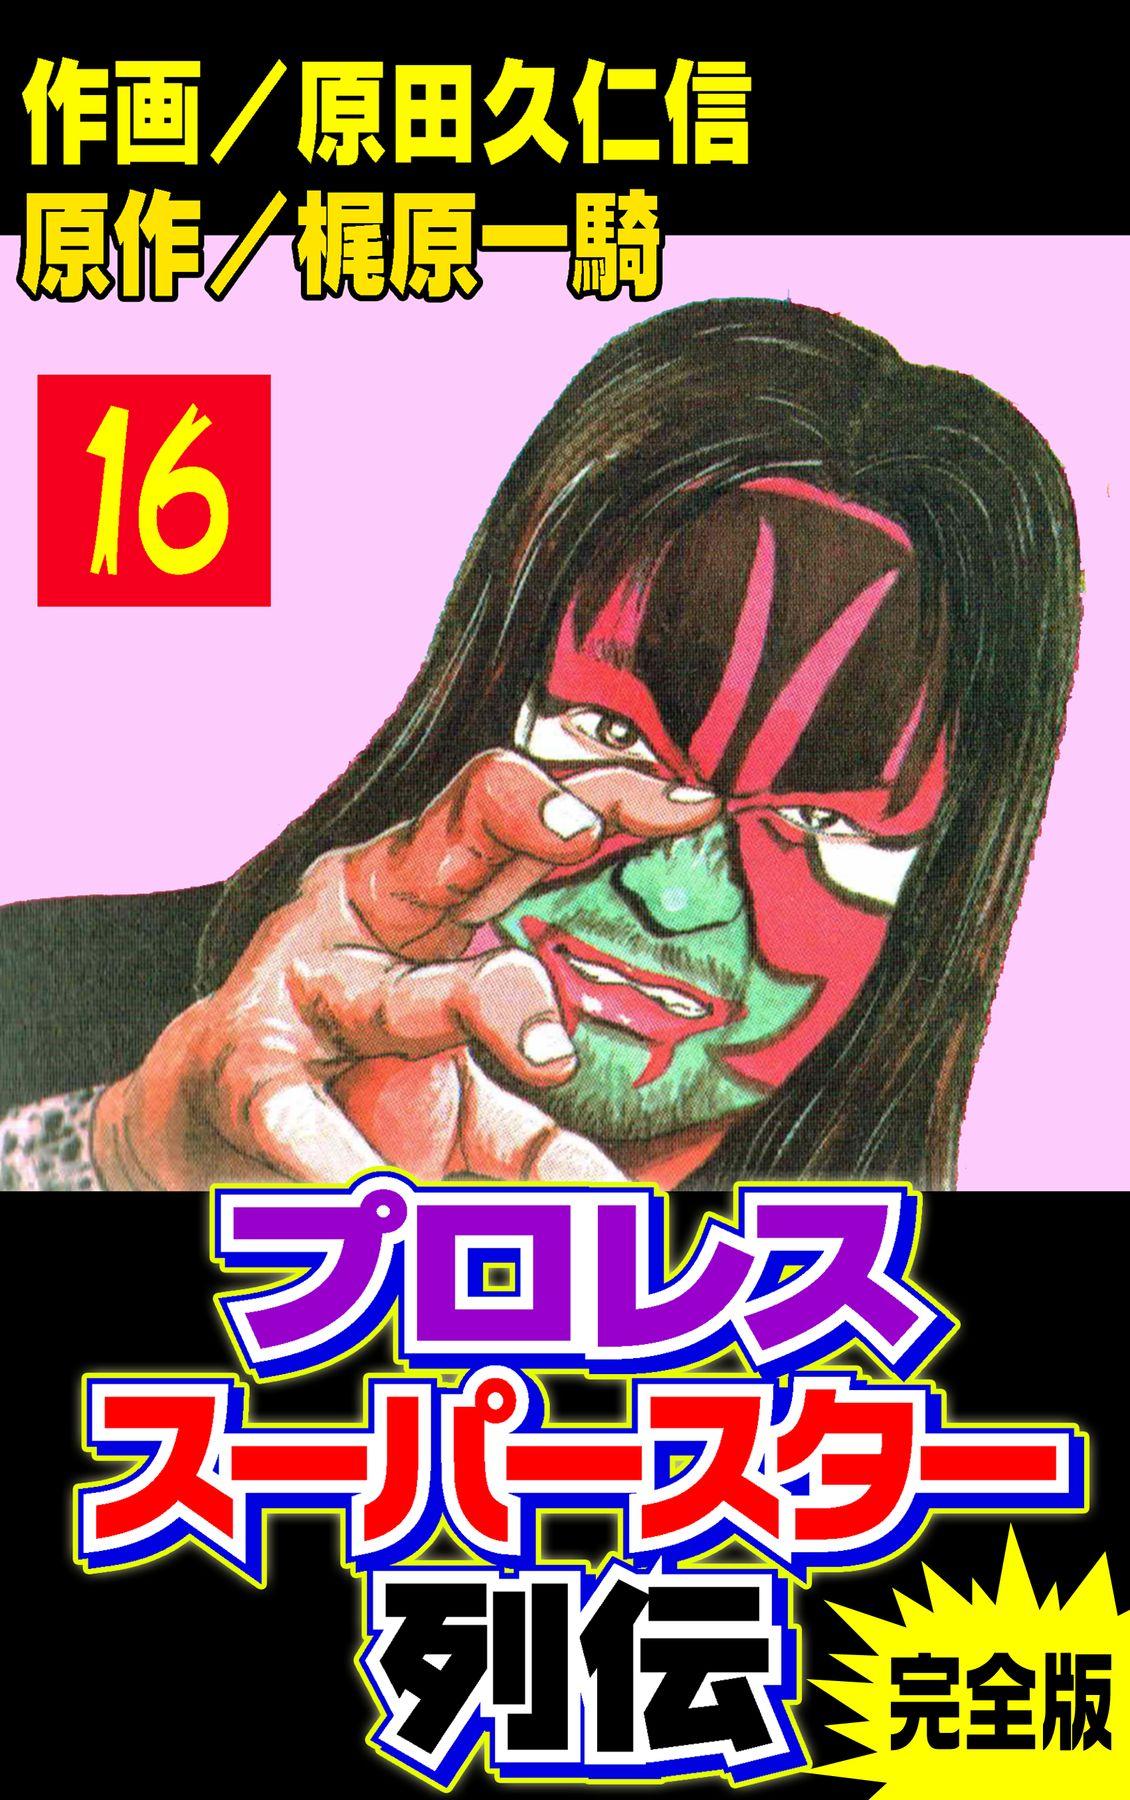 プロレススーパースター列伝【完全版】(第16巻)